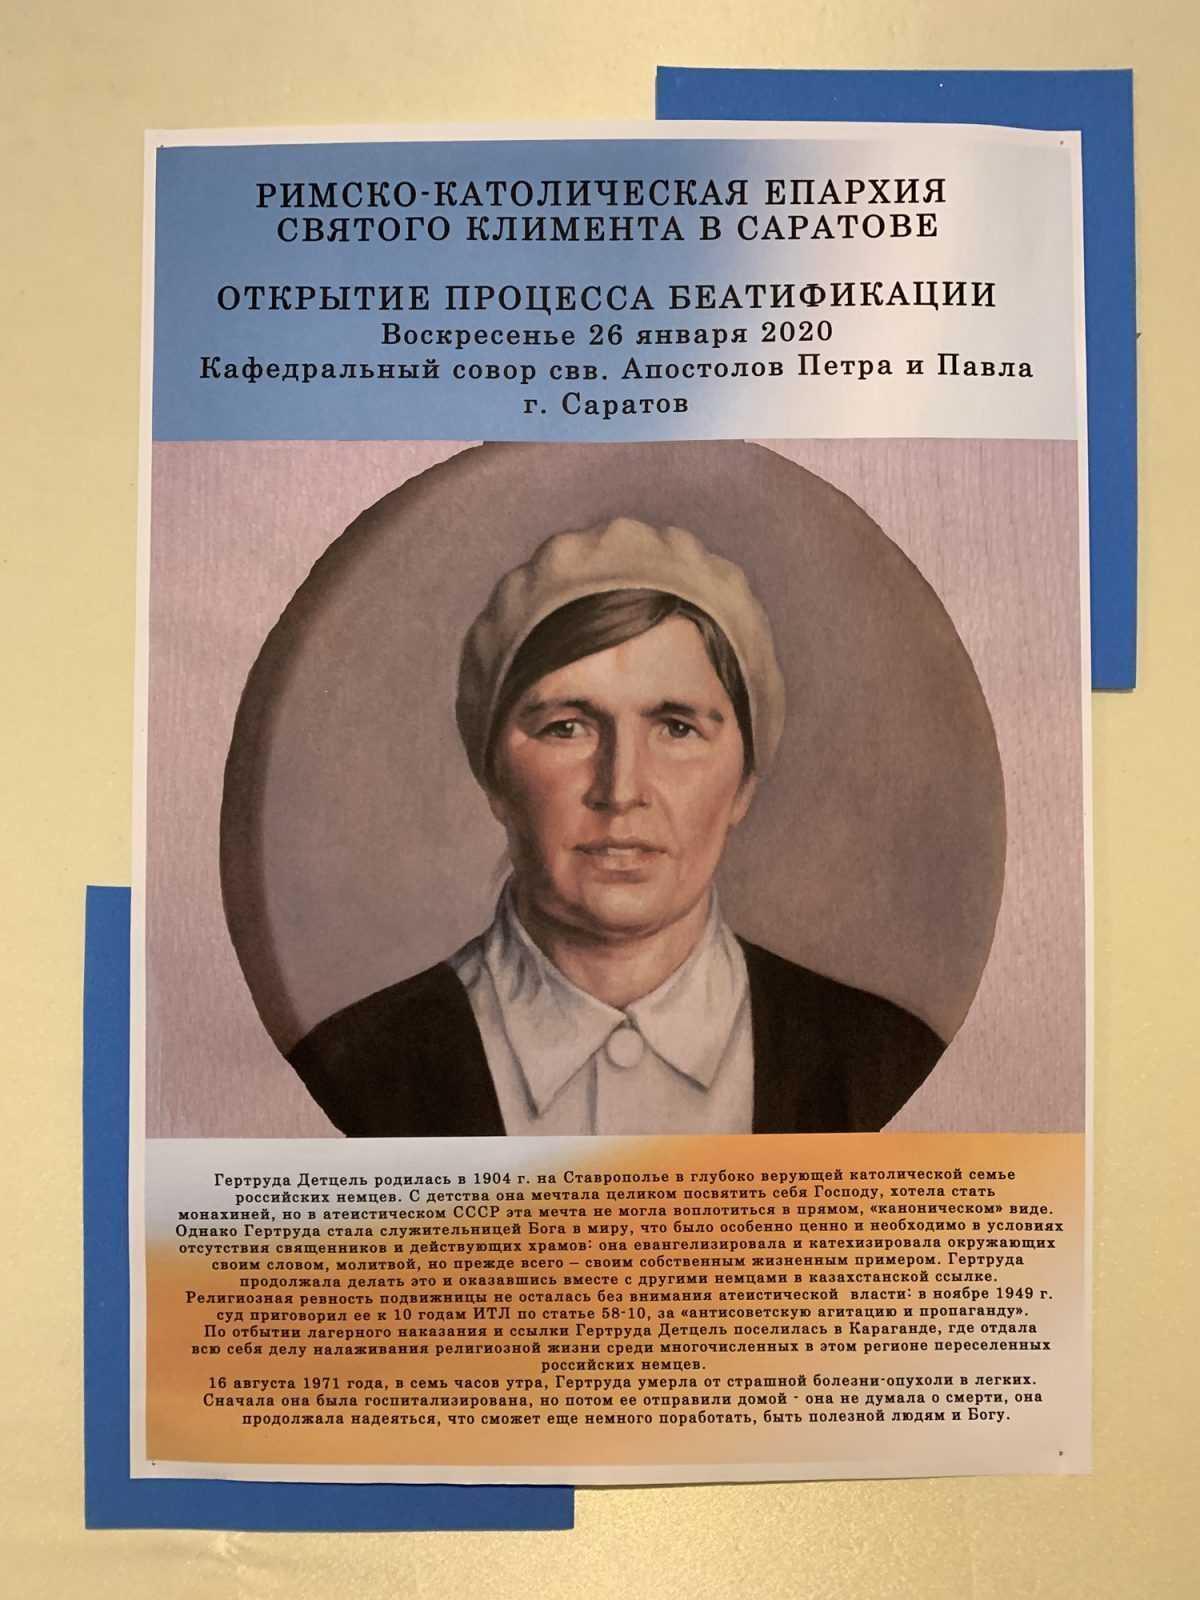 В Саратове открыт процесс о героических добродетелях Гертруды Детцель